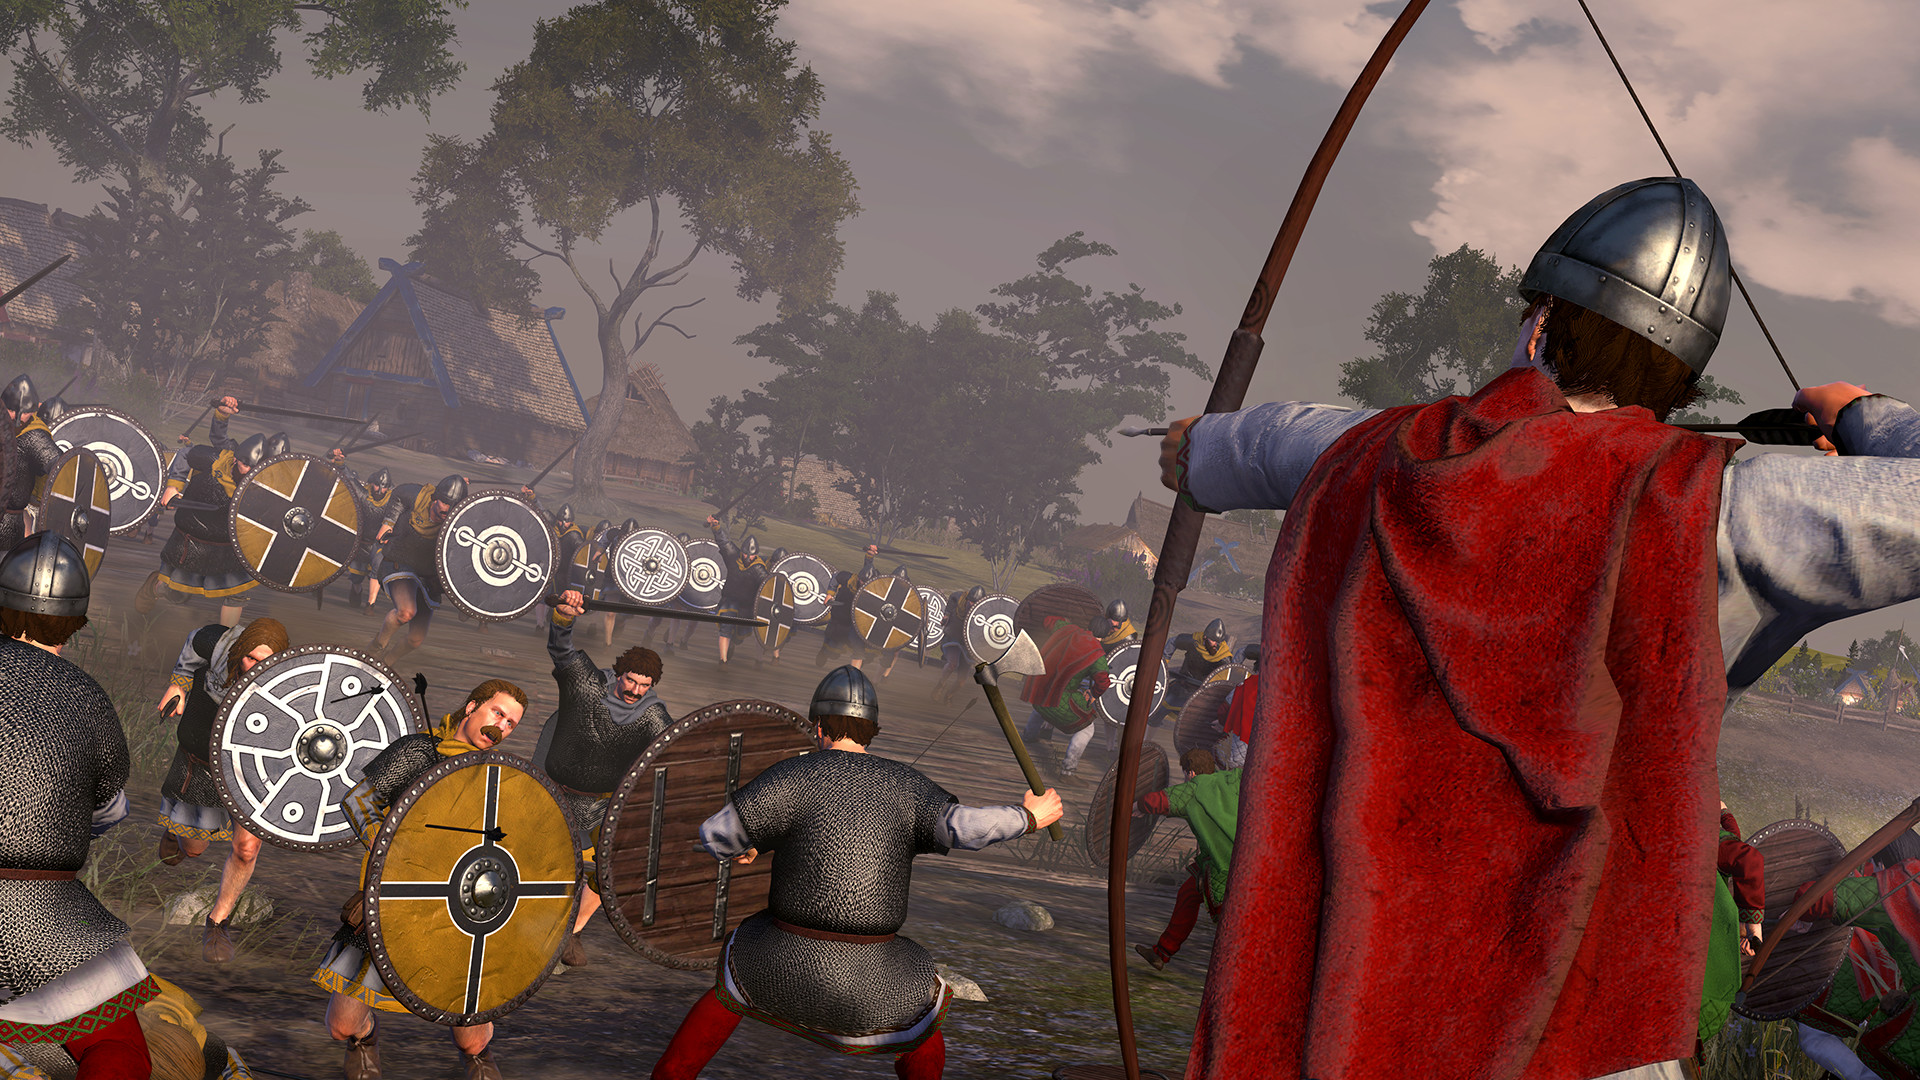 全面战争传奇:不列颠王座(Total War Saga: Thrones of Britannia)免安装中文绿色版|DLC|升级档|网盘下载